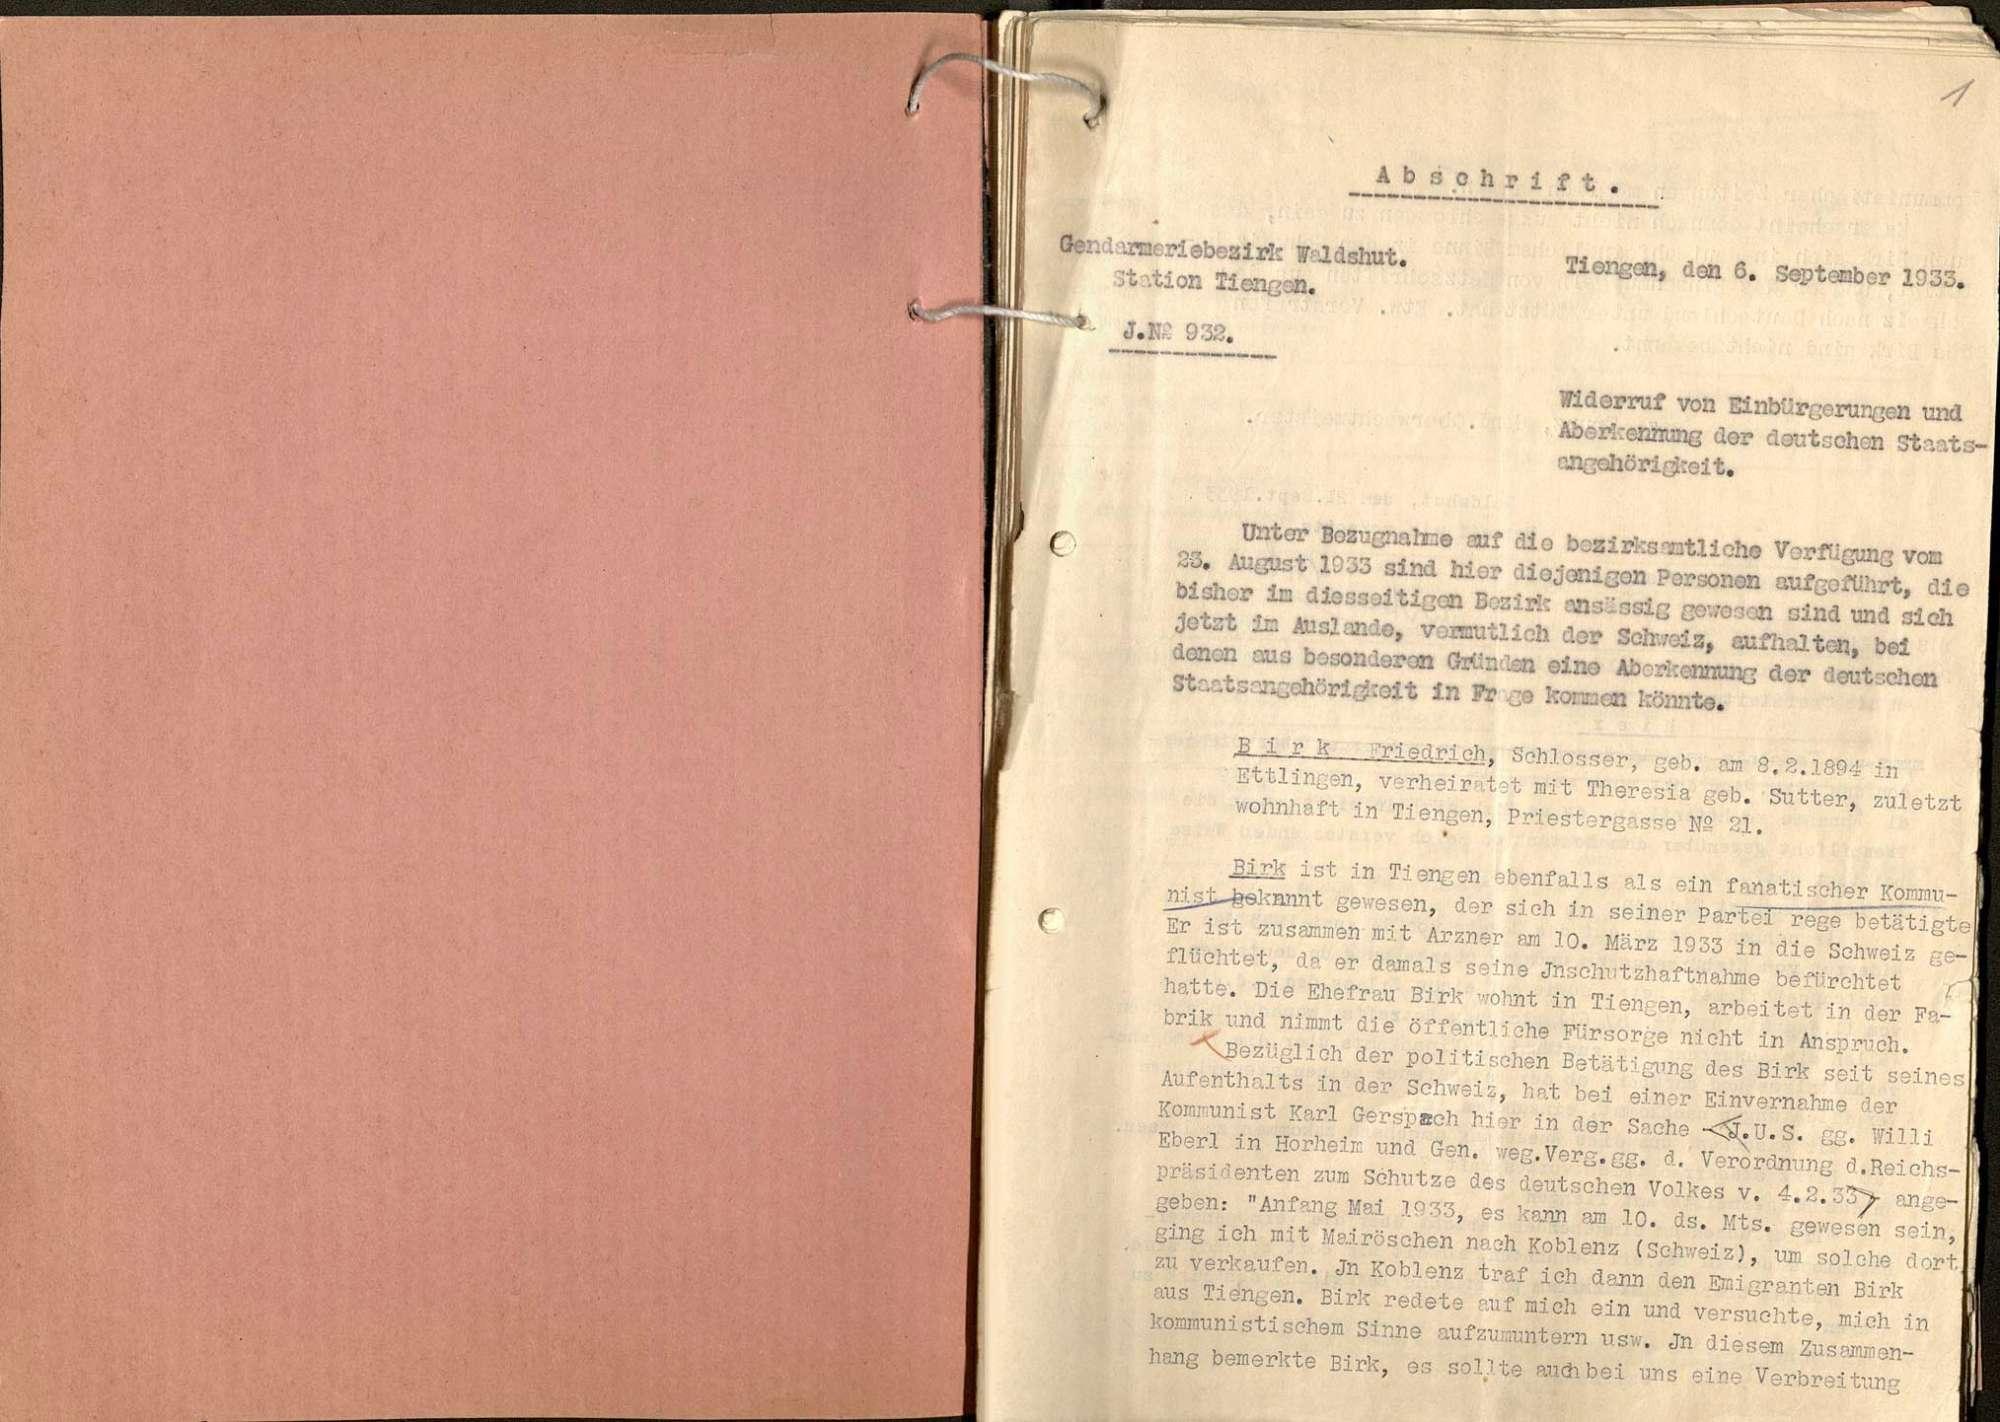 Aberkennung der Staatsbürgerschaft: Friedrich Birk, Tiengen, wegen kommunistischer Agitation, Bild 2